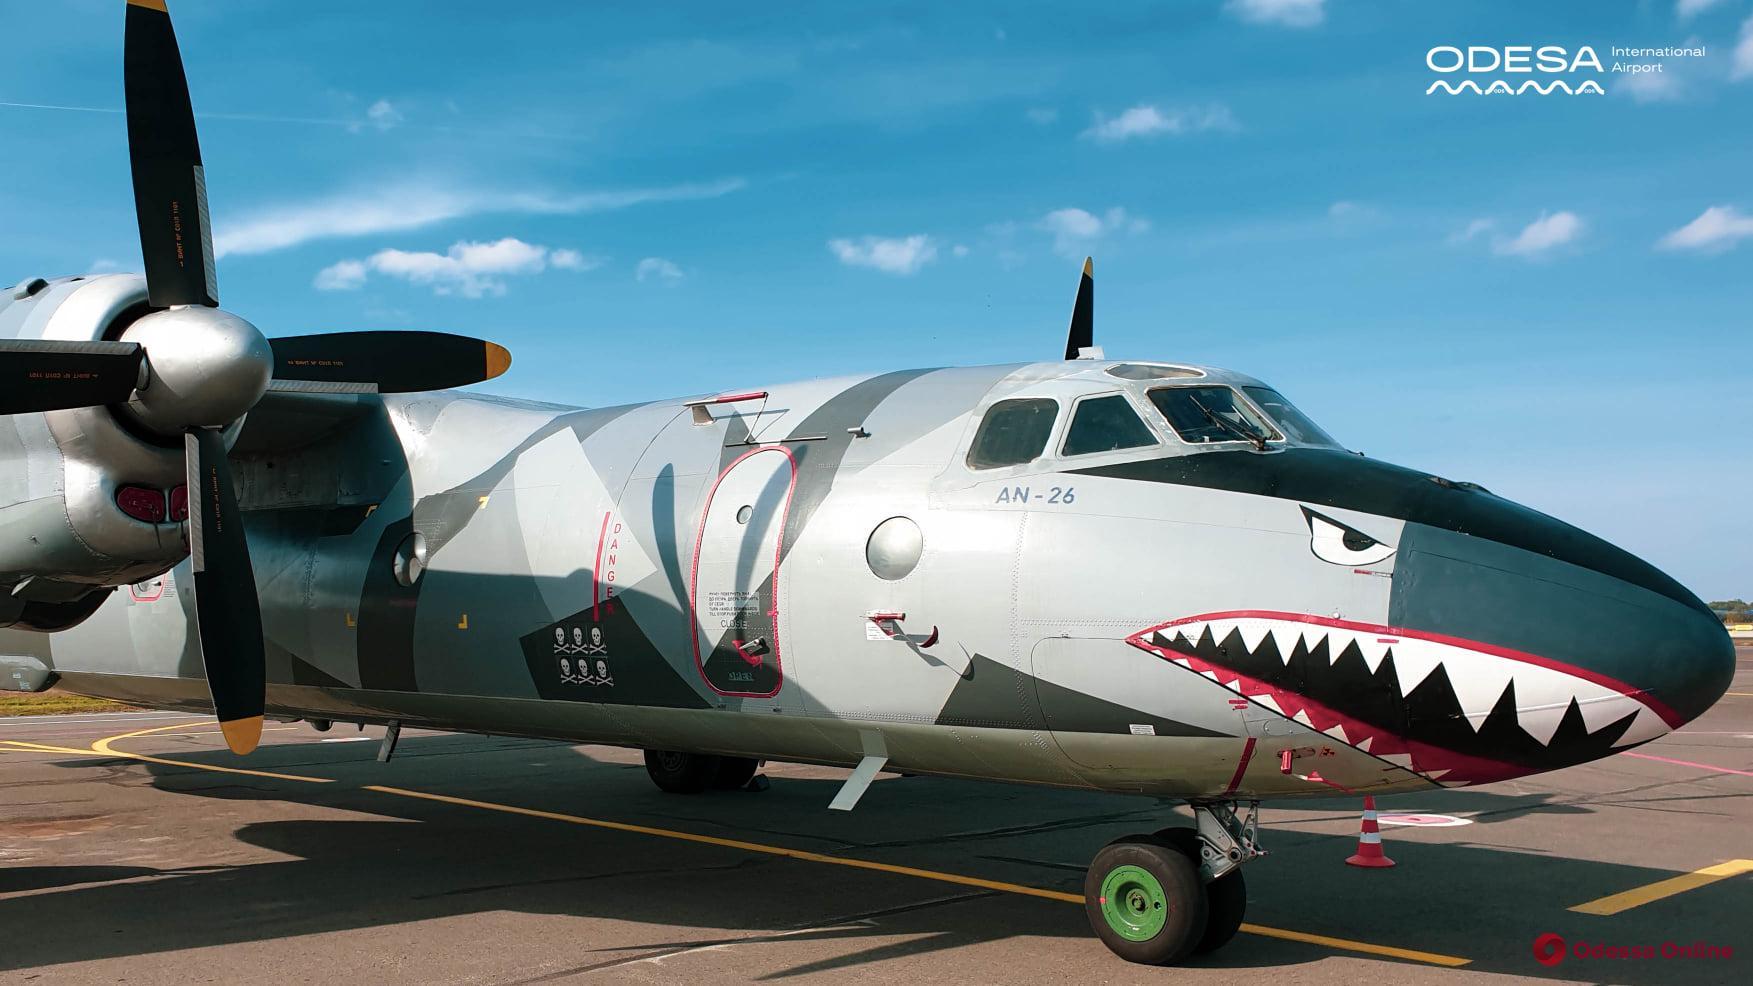 В Одесском аэропорту гостил самолет-акула из голливудского блокбастера